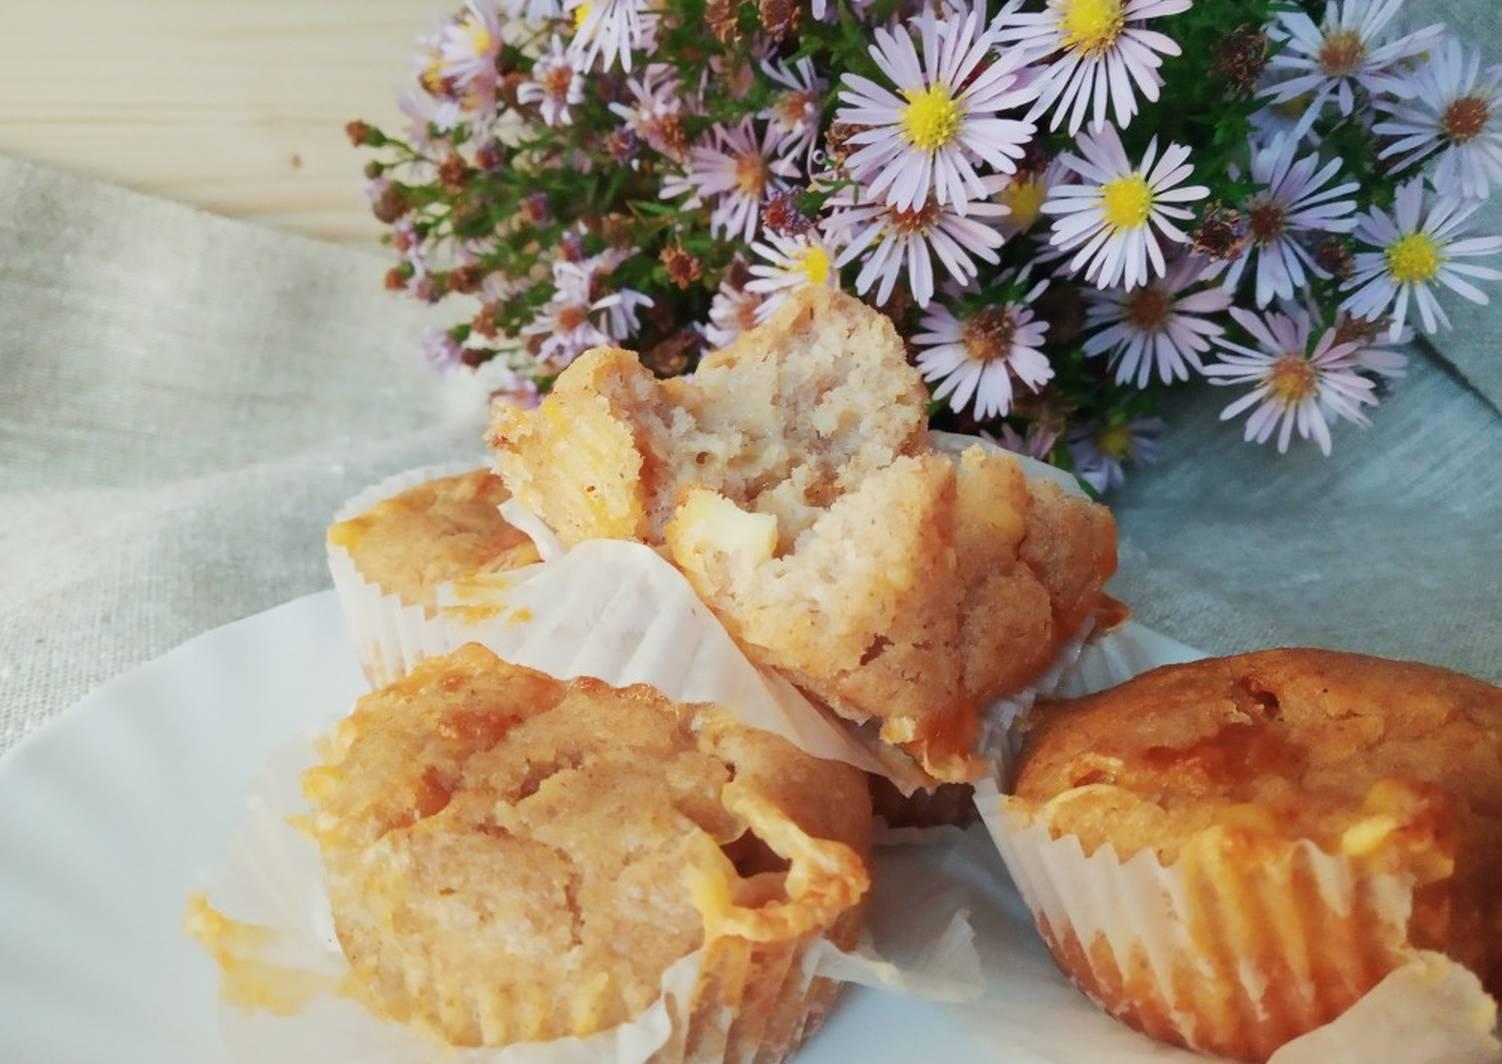 сырные кексы рецепт с фото крещение принял боях